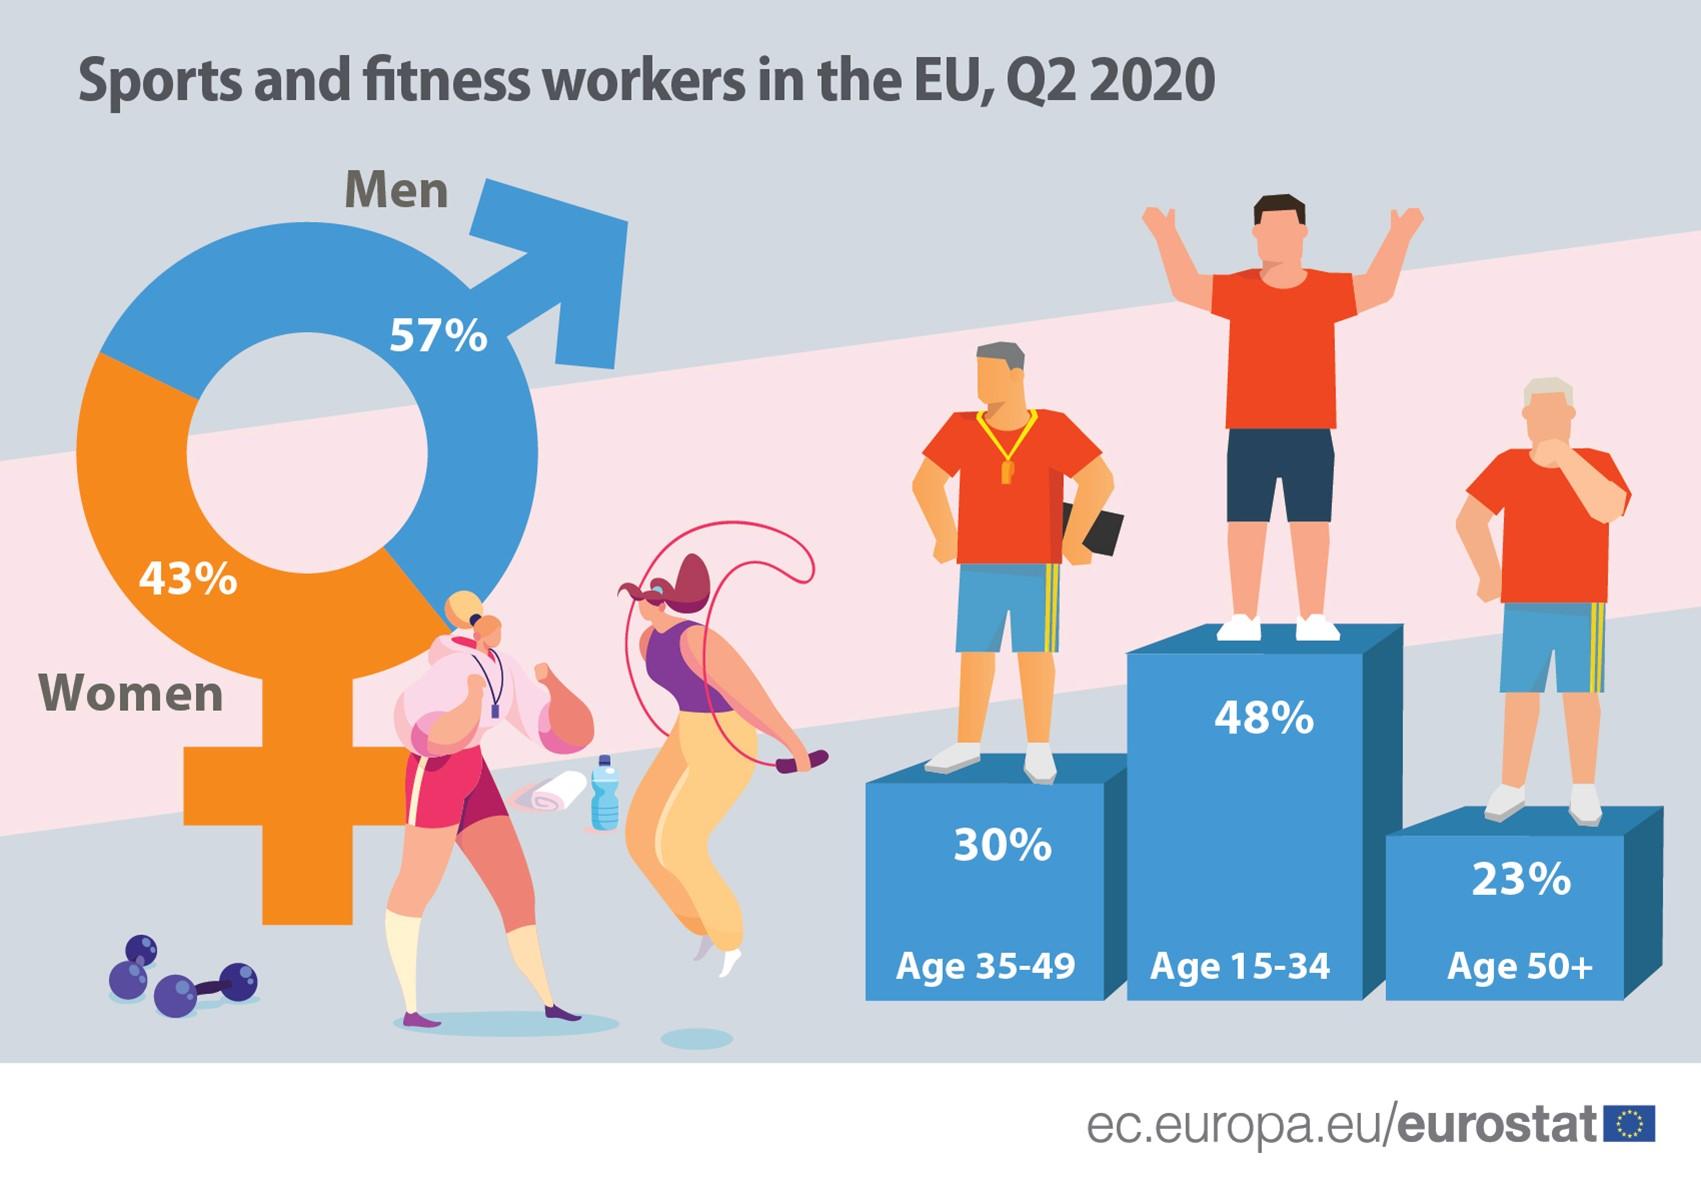 Najviše sportskih radnika u EU ima Švedska, najmanje Belgija 2